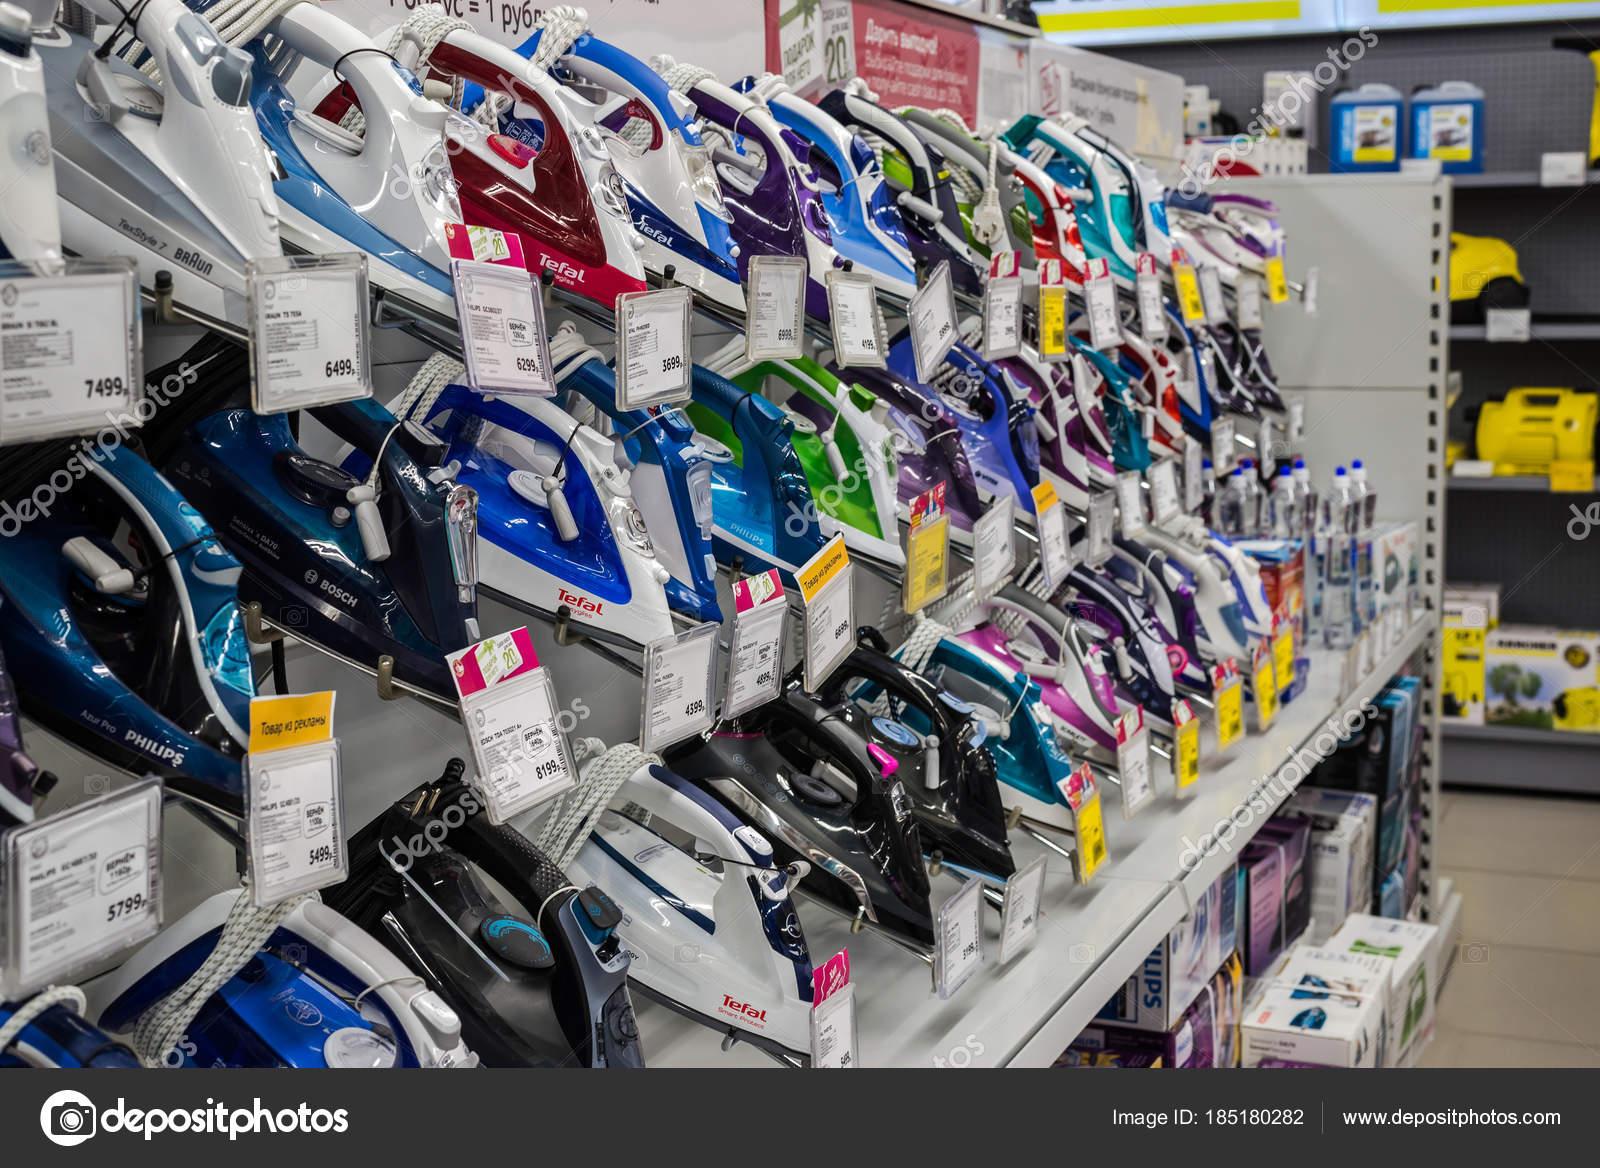 bf106c8bc4 Moscow, Oroszország - február 20, 2018. A boltban, elektronikai és  háztartási készülékek Eldorado vasalók — Fotó szerzőtől ...